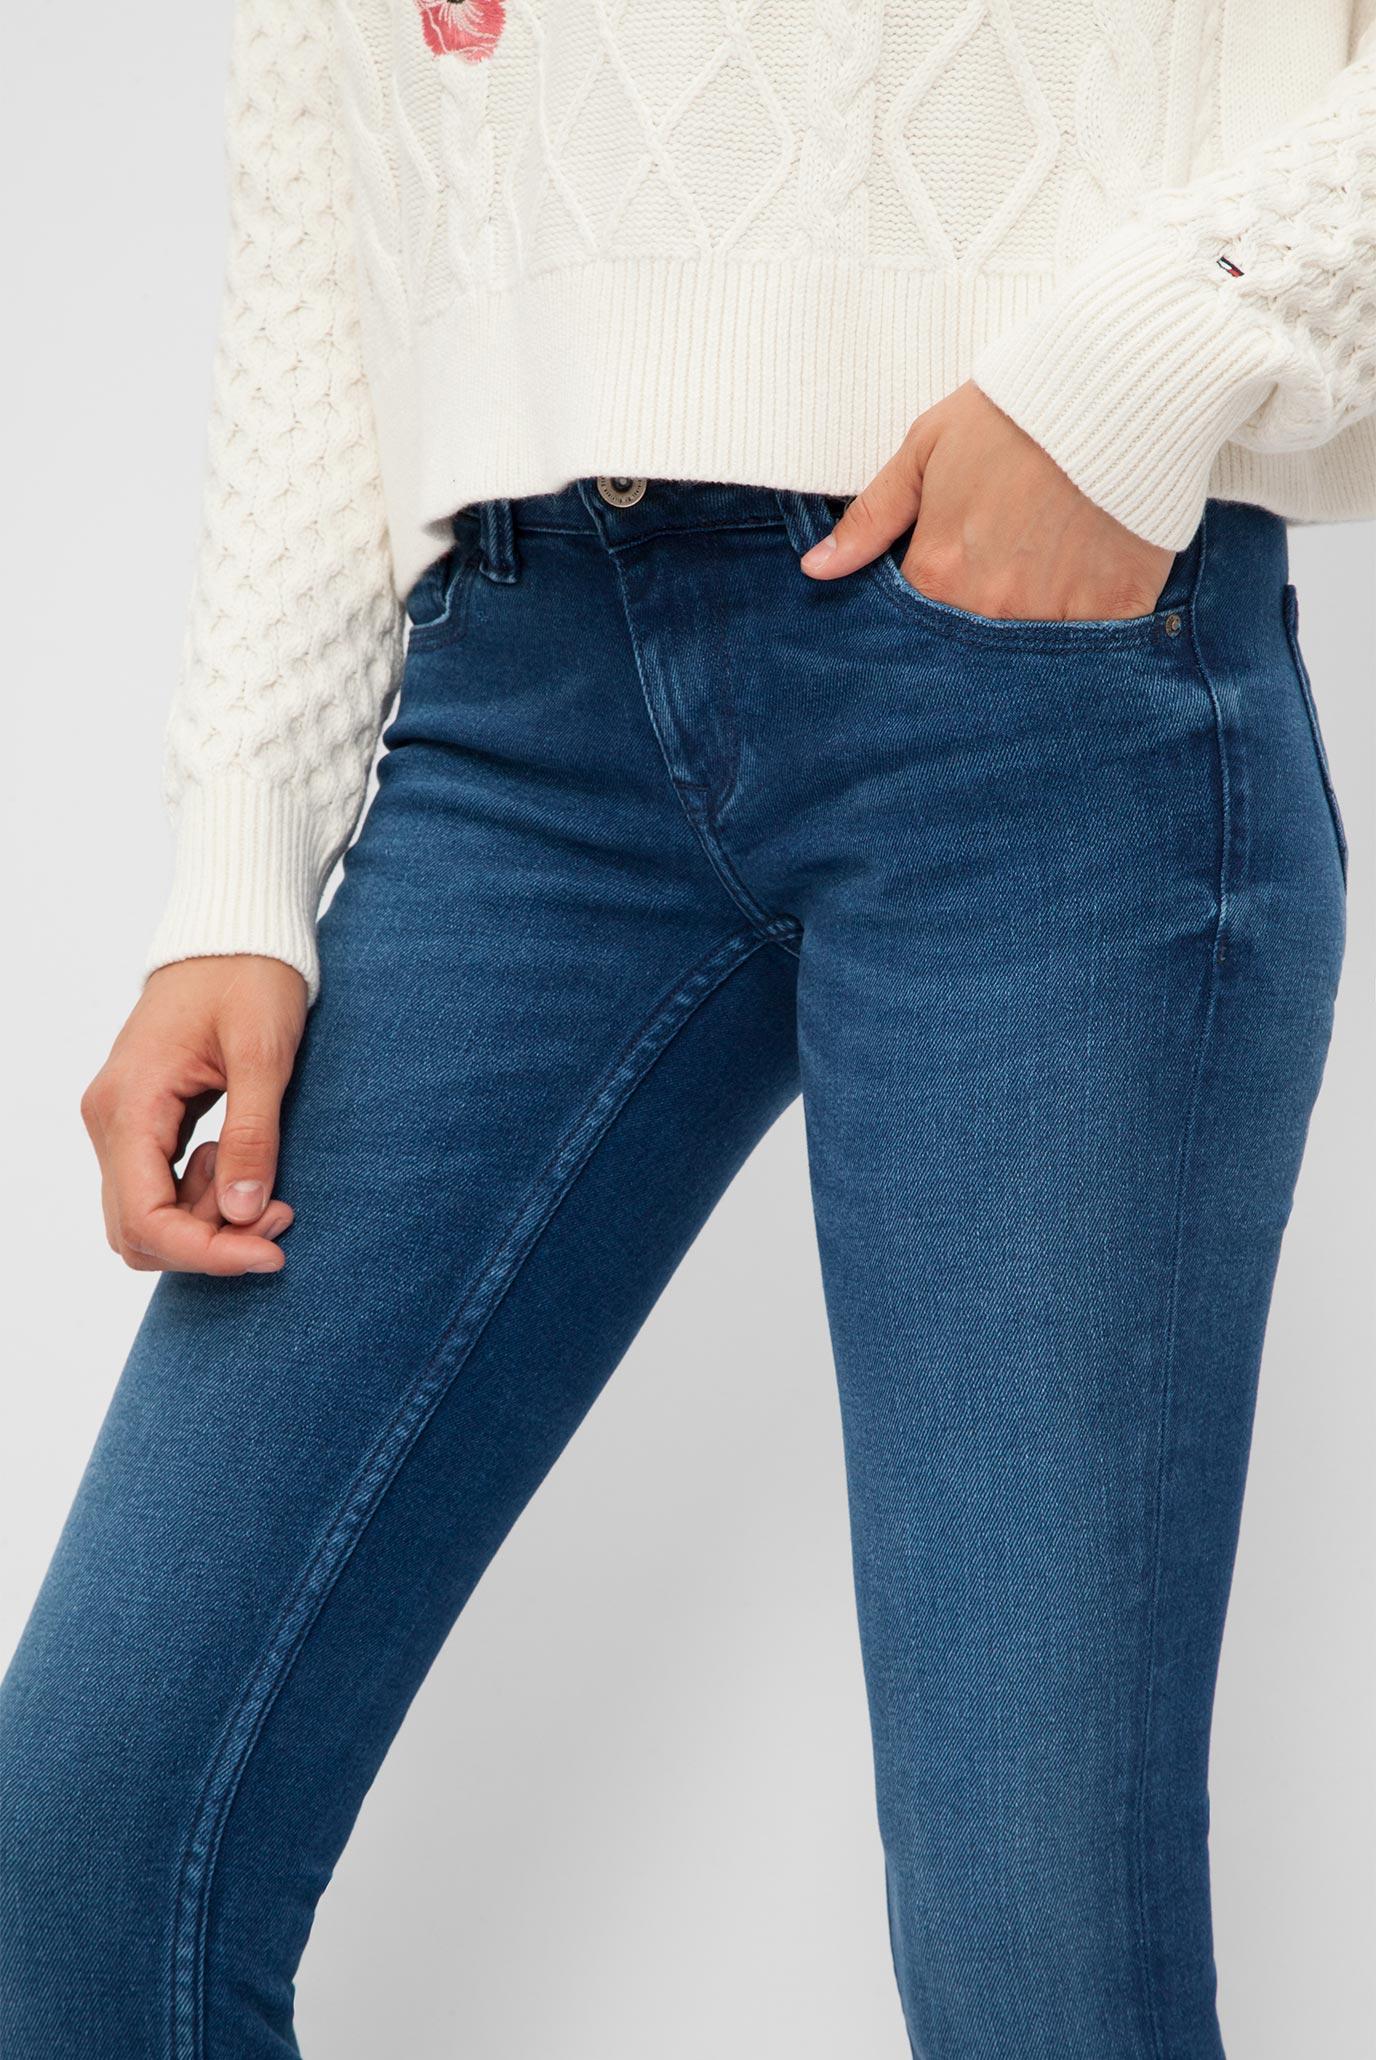 36cf24378703 Купить Женские синие джинсы Tommy Hilfiger Tommy Hilfiger DW0DW02412 – Киев,  Украина. Цены в интернет магазине MD Fashion